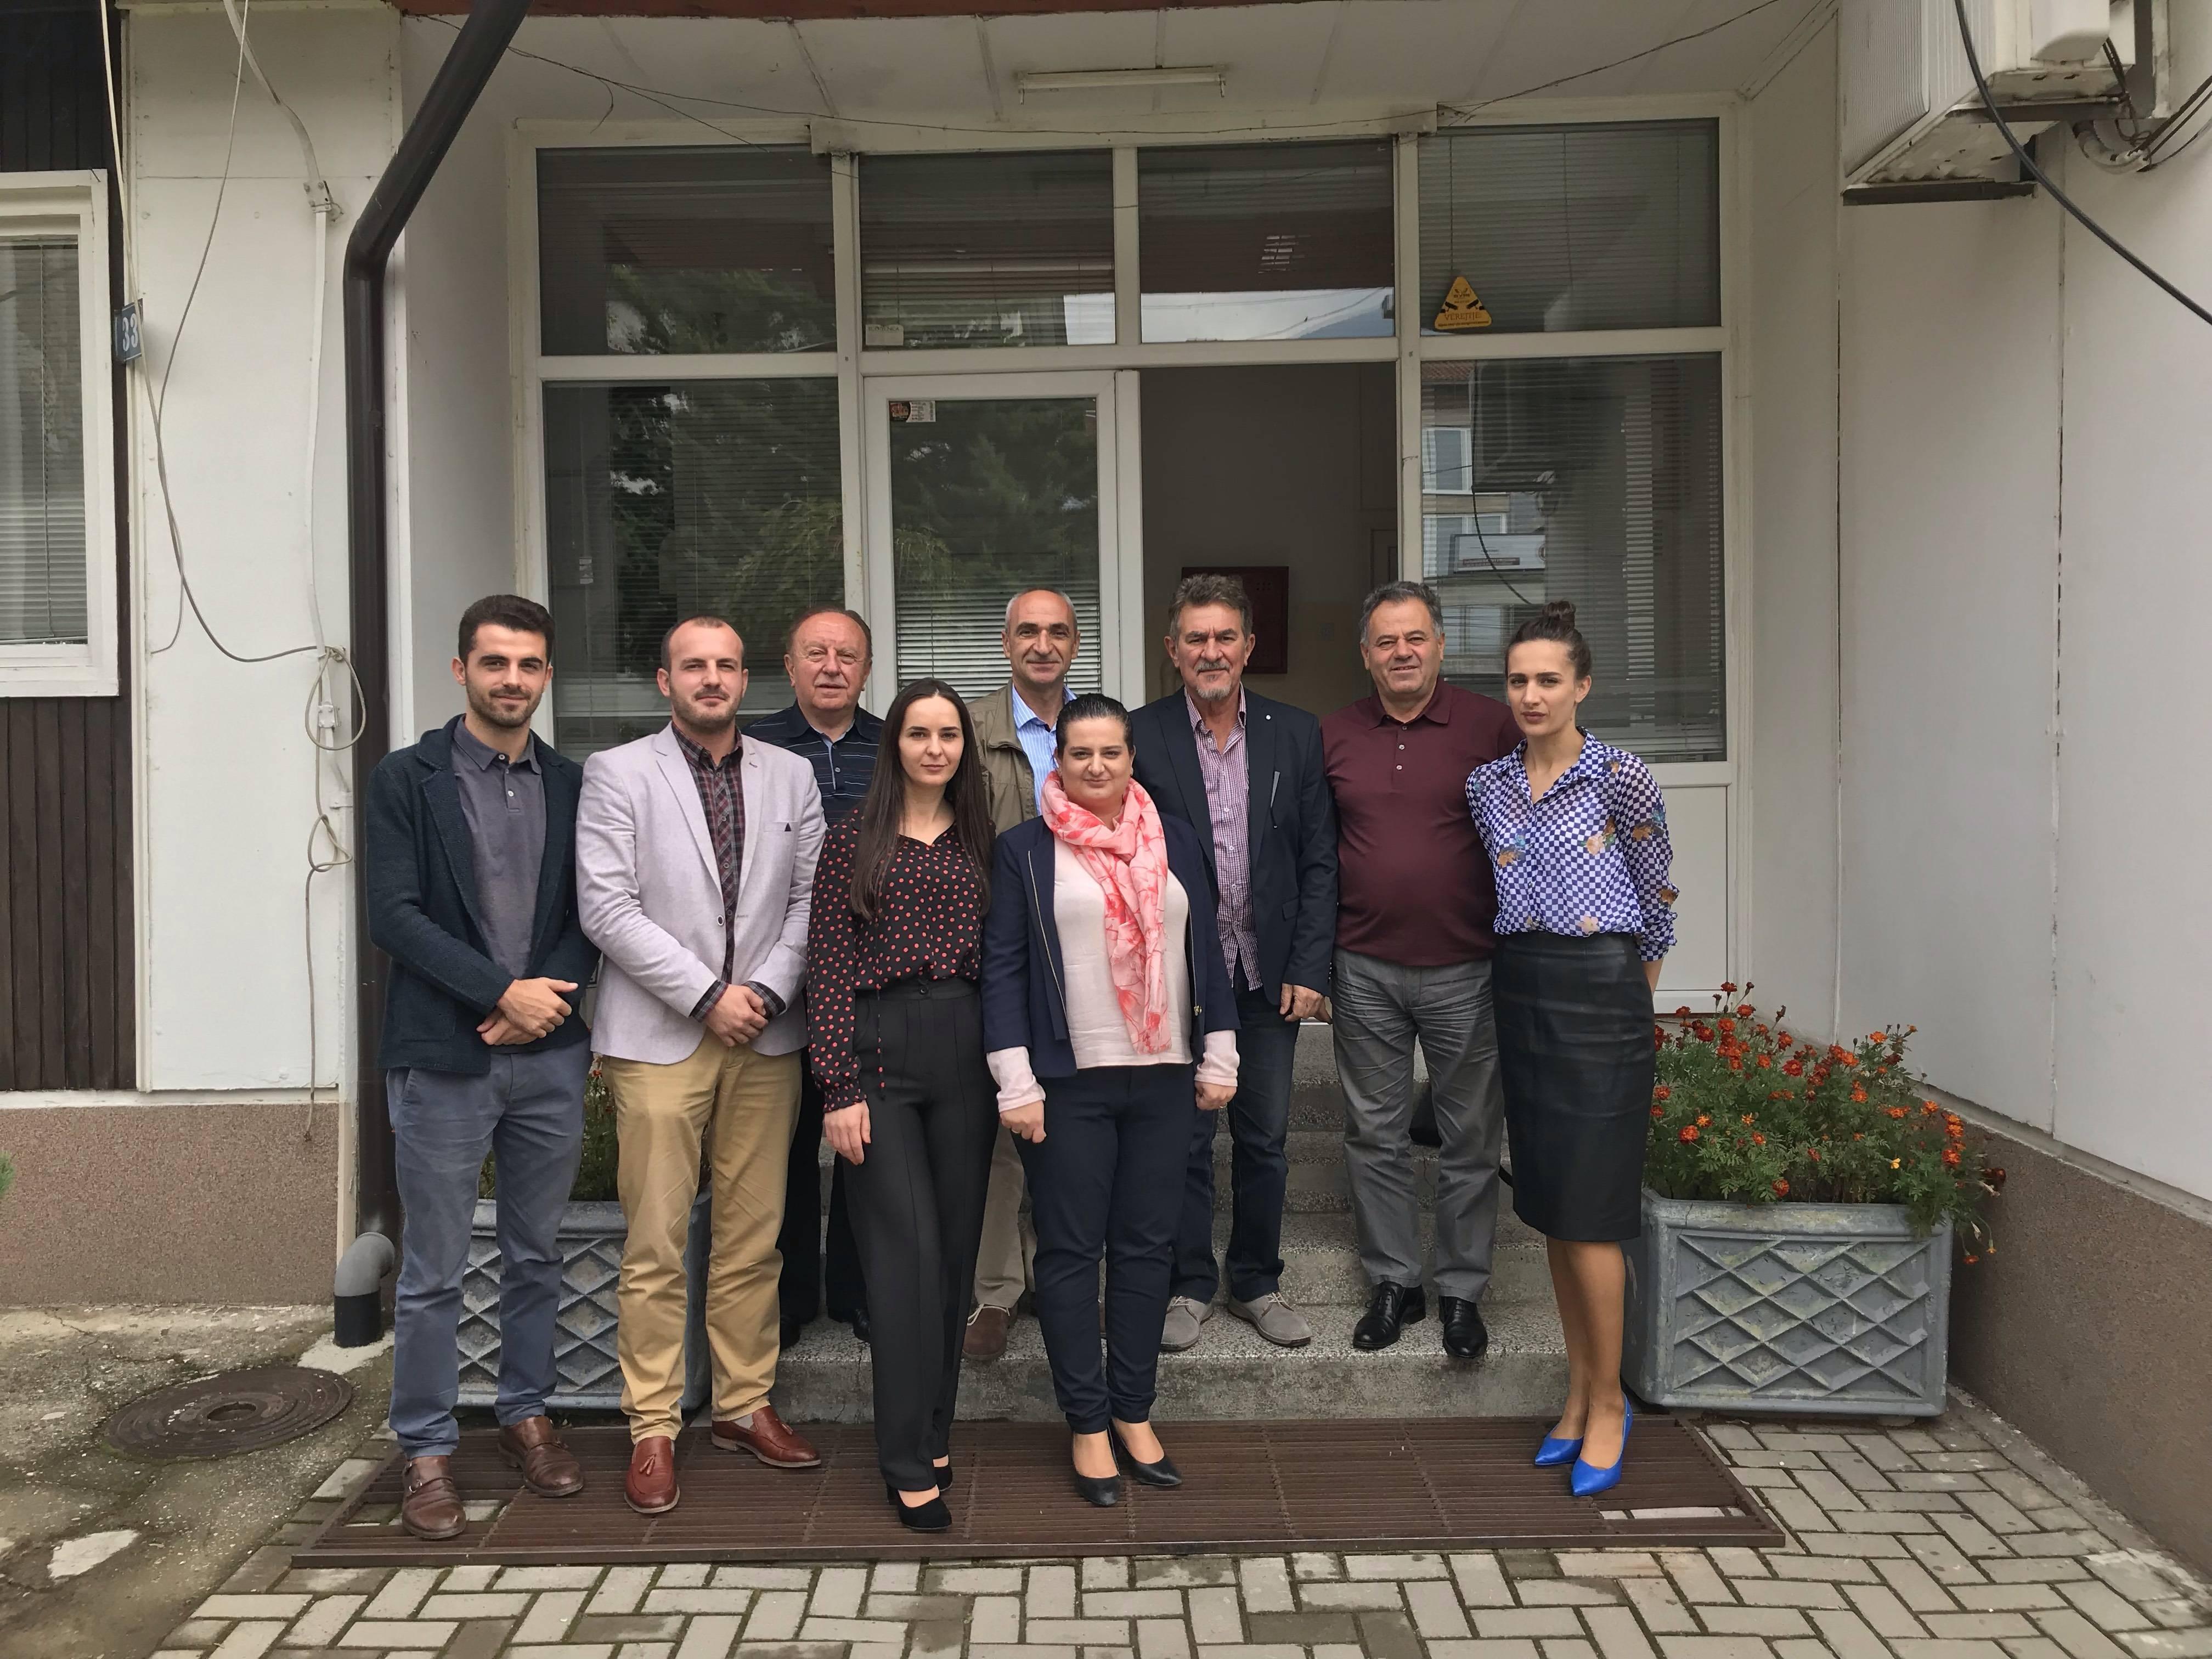 Marrëveshje bashkëpunimi me Institute for Knowledge Management (IKM)